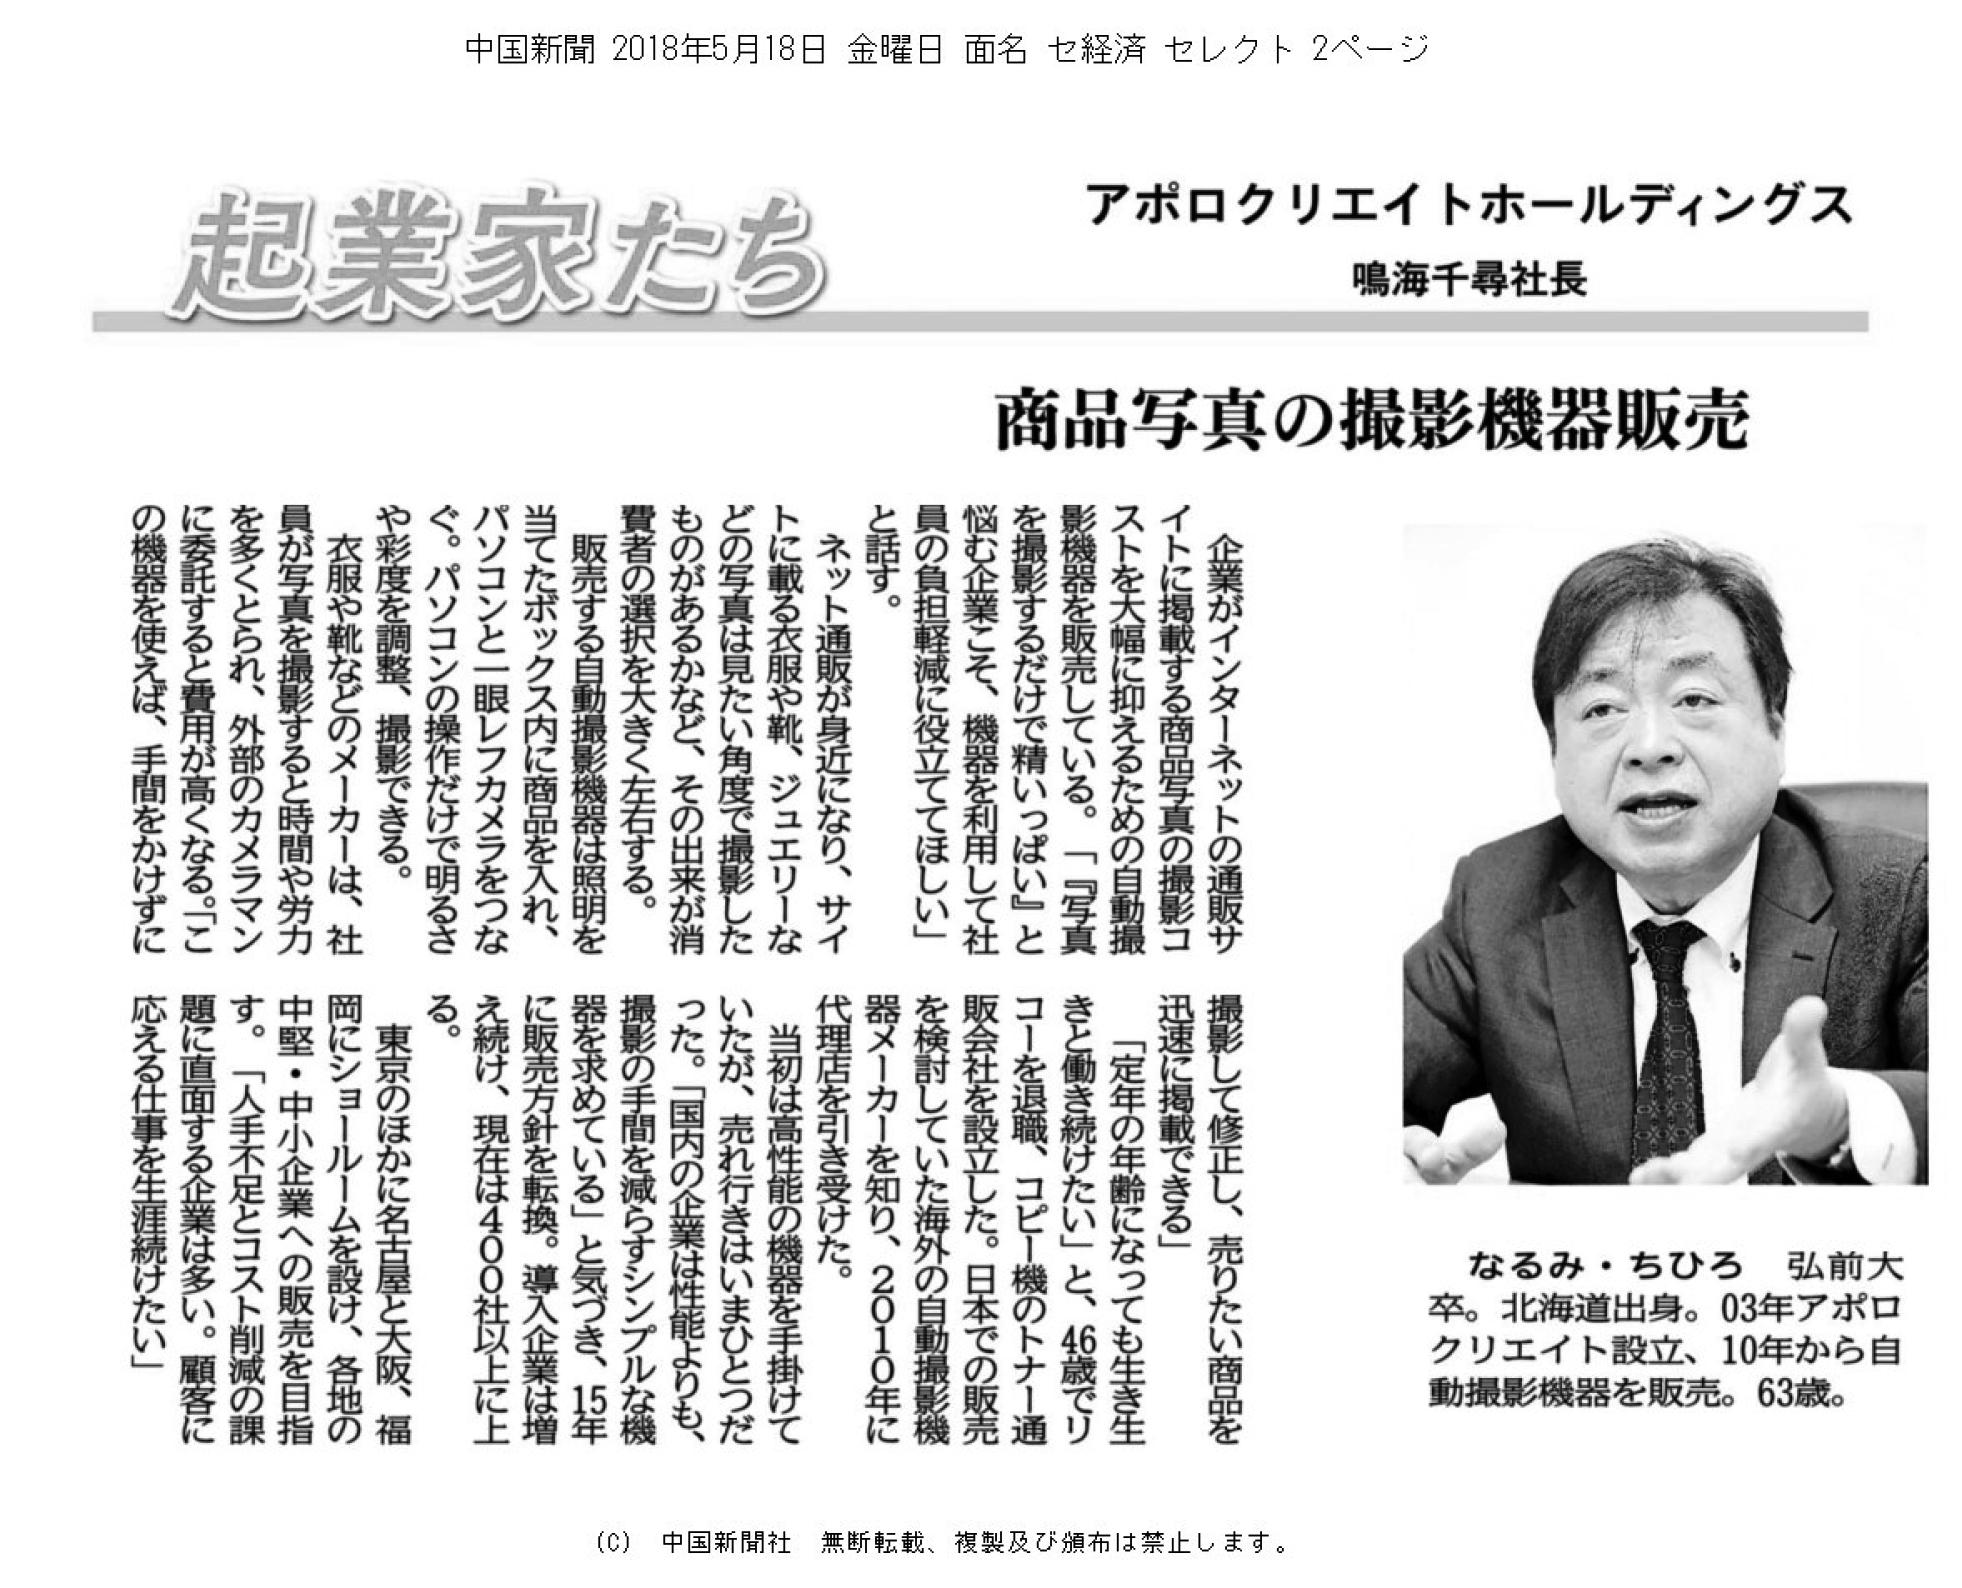 中国新聞に弊社フォトオートメーションについて掲載されました。